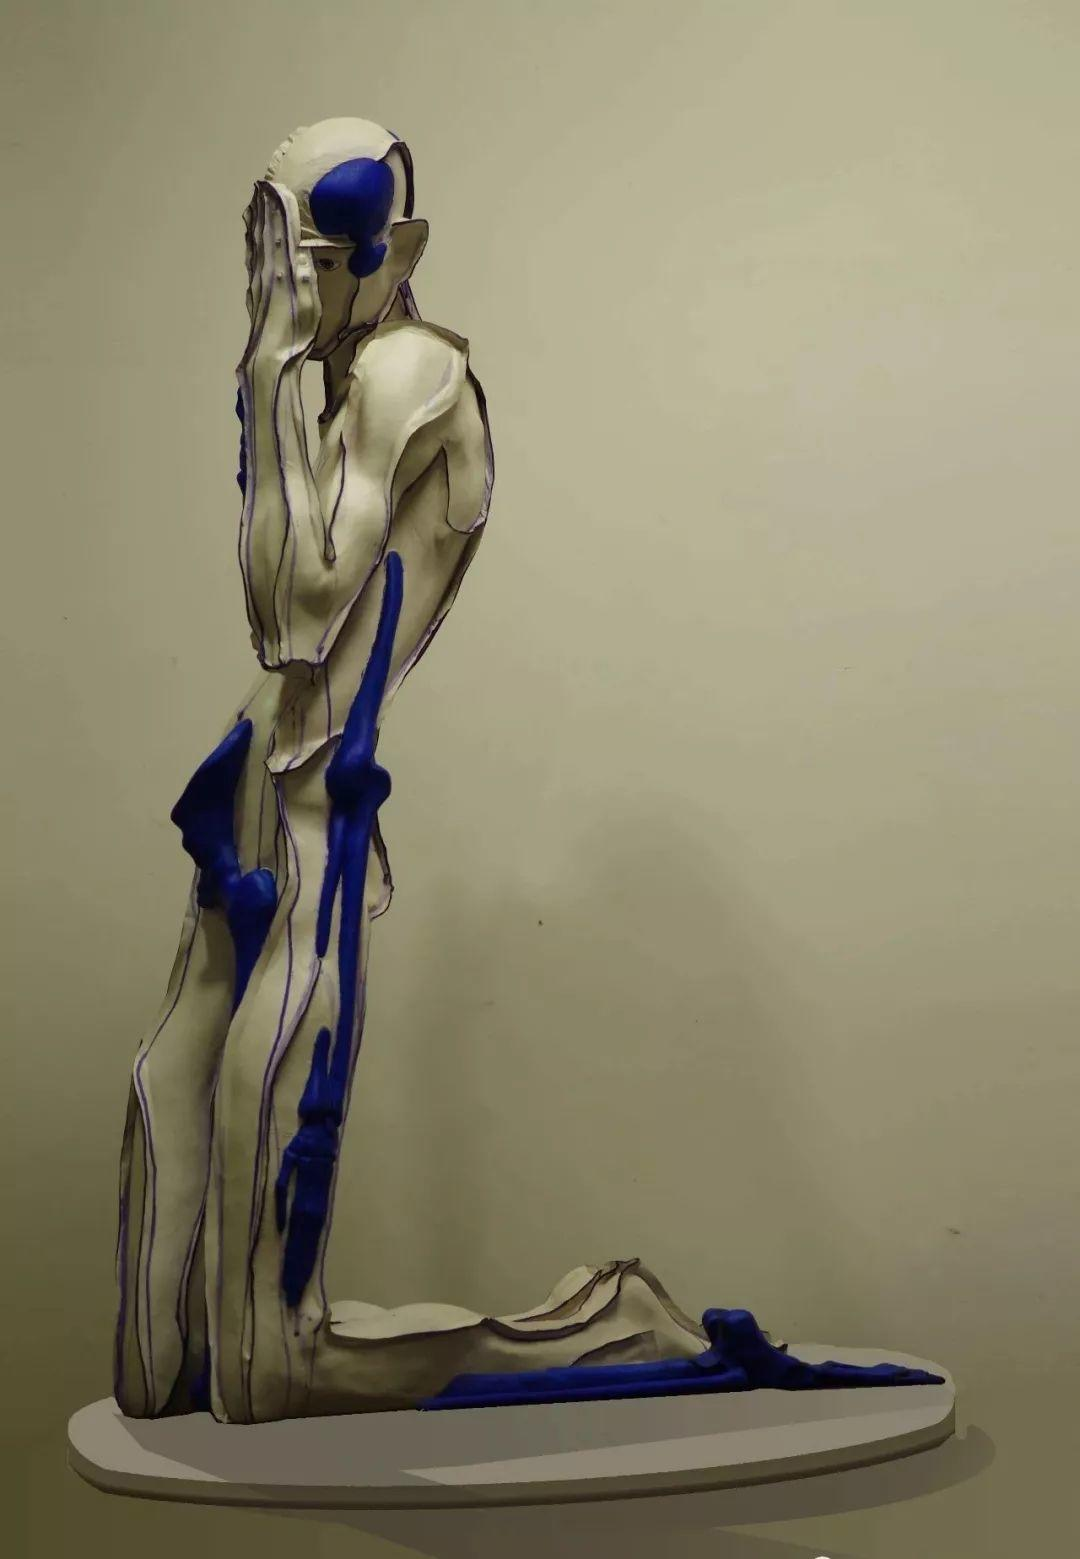 第十三届全国美展·雕塑作品展插图387